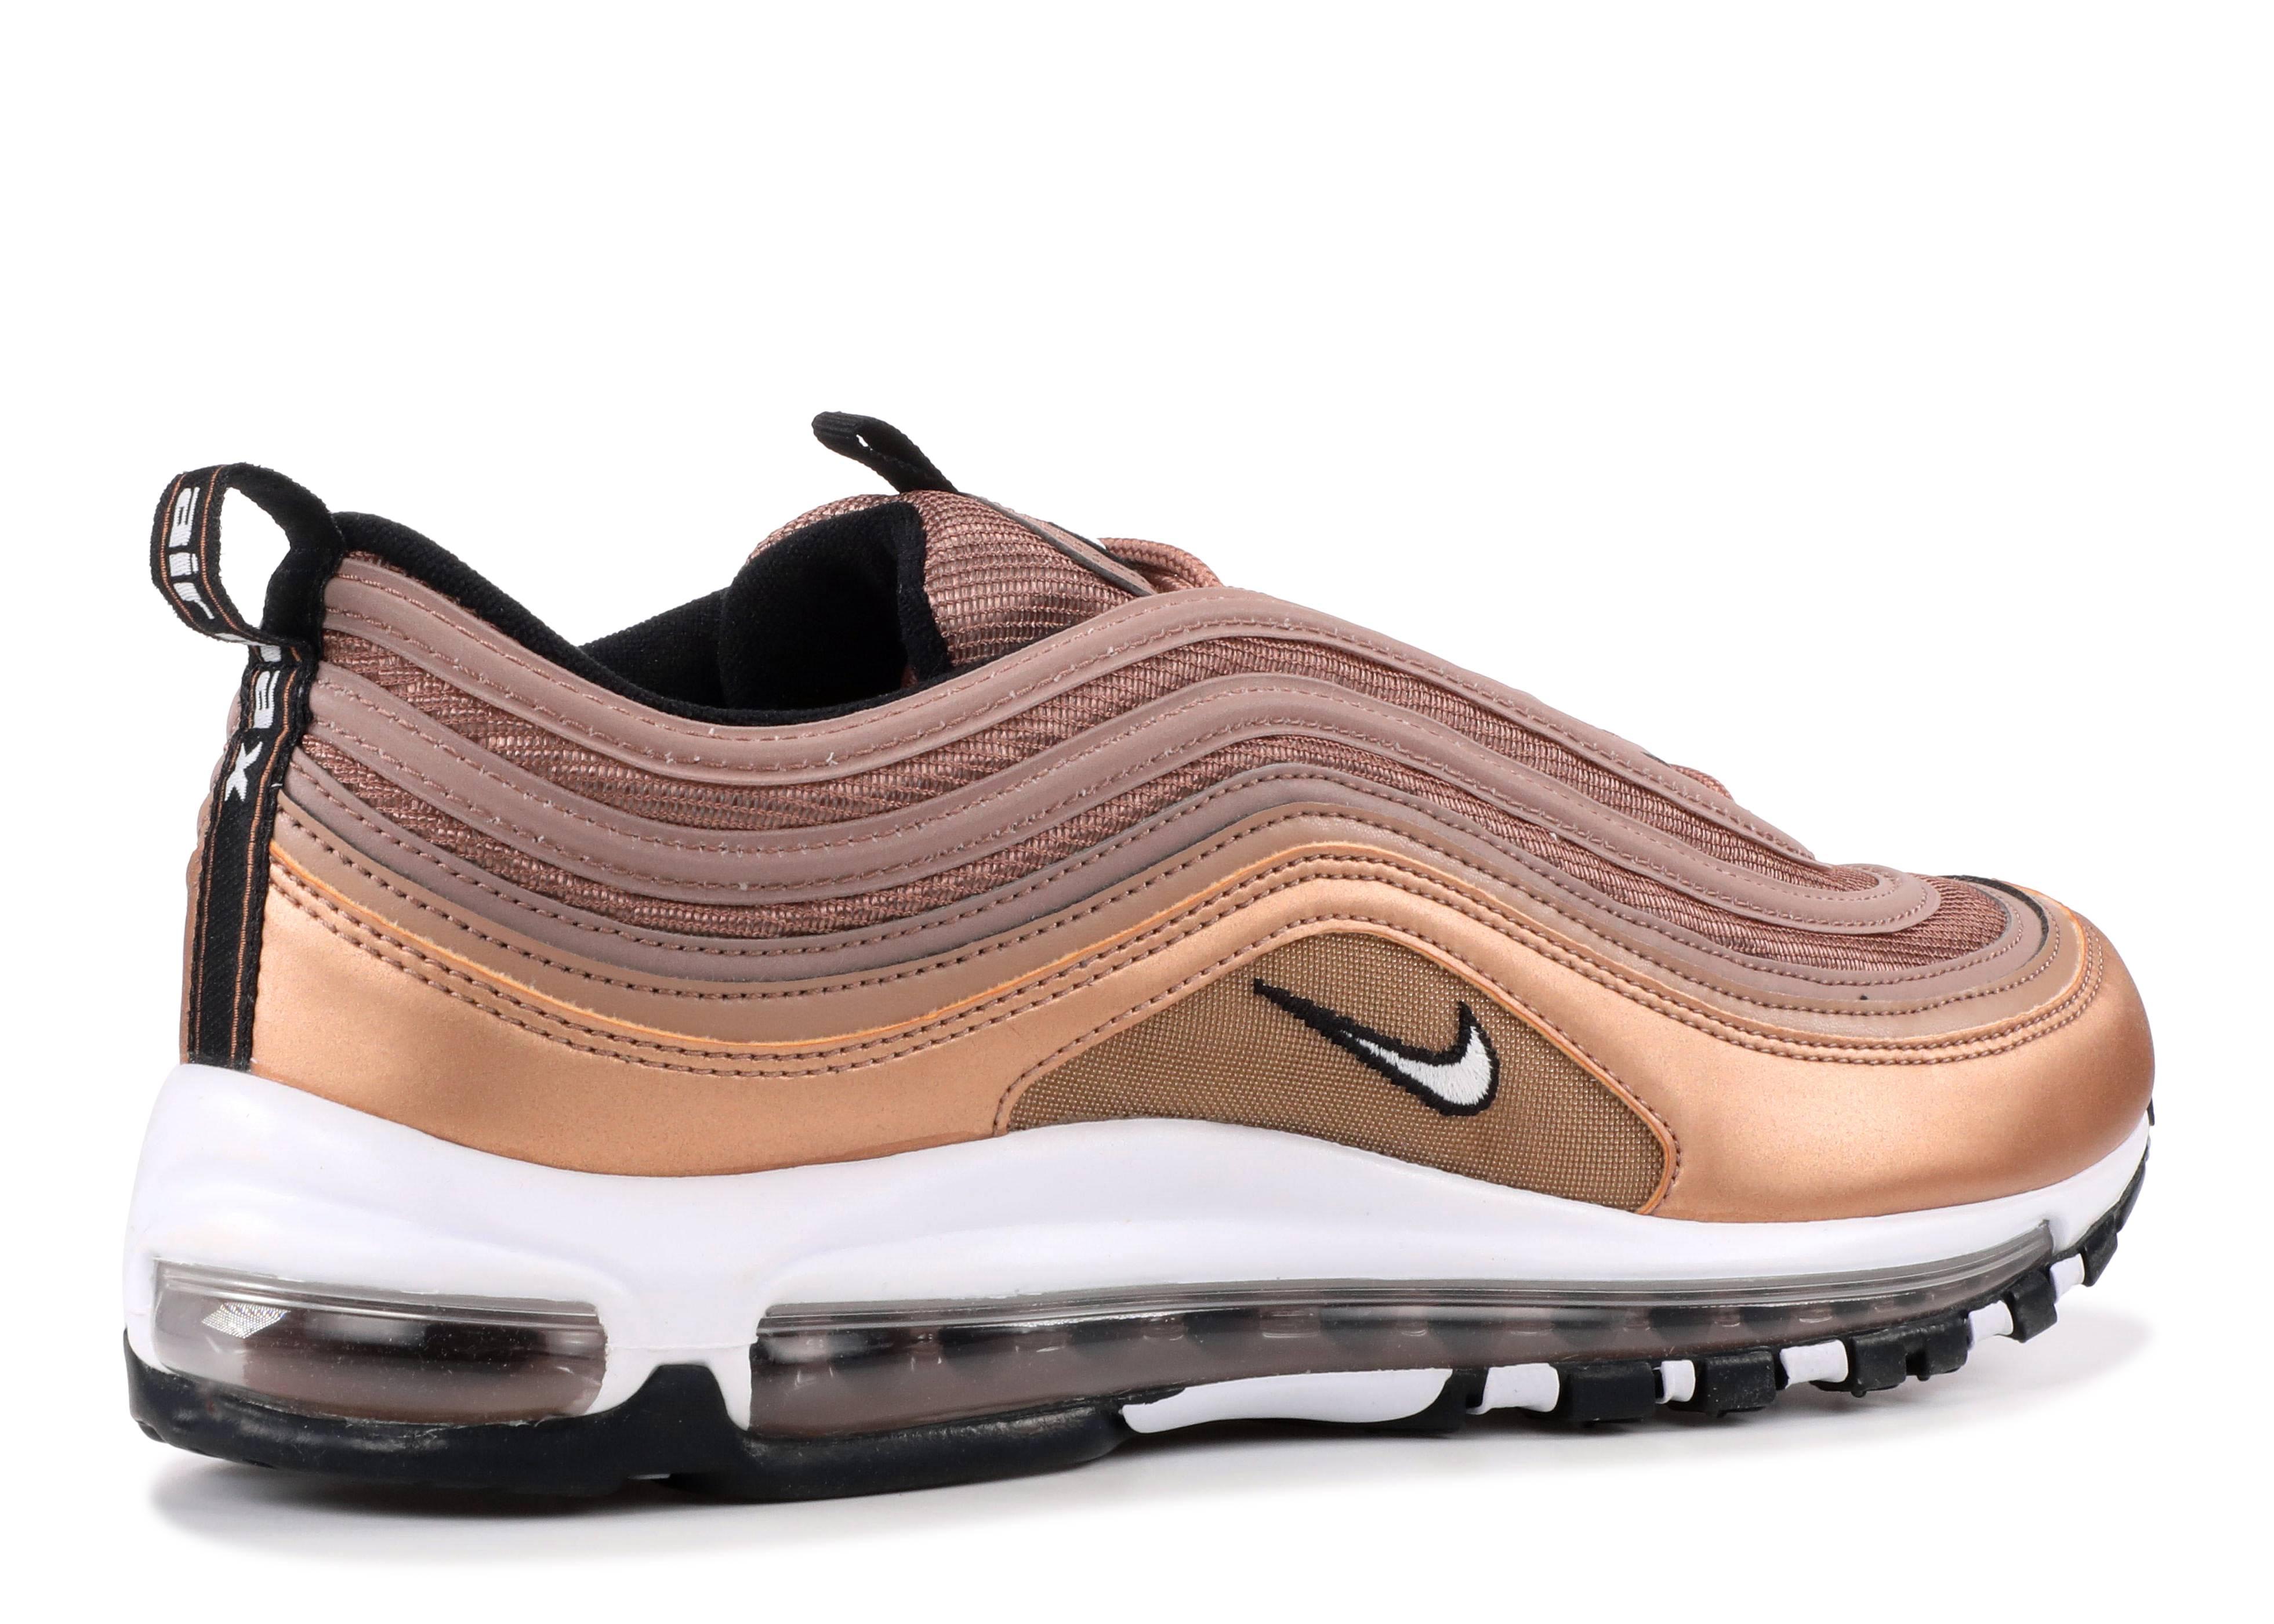 sports shoes df5b4 db44d Air Max 97 - Nike - 921826 200 - desert dustwhite  Flight Cl